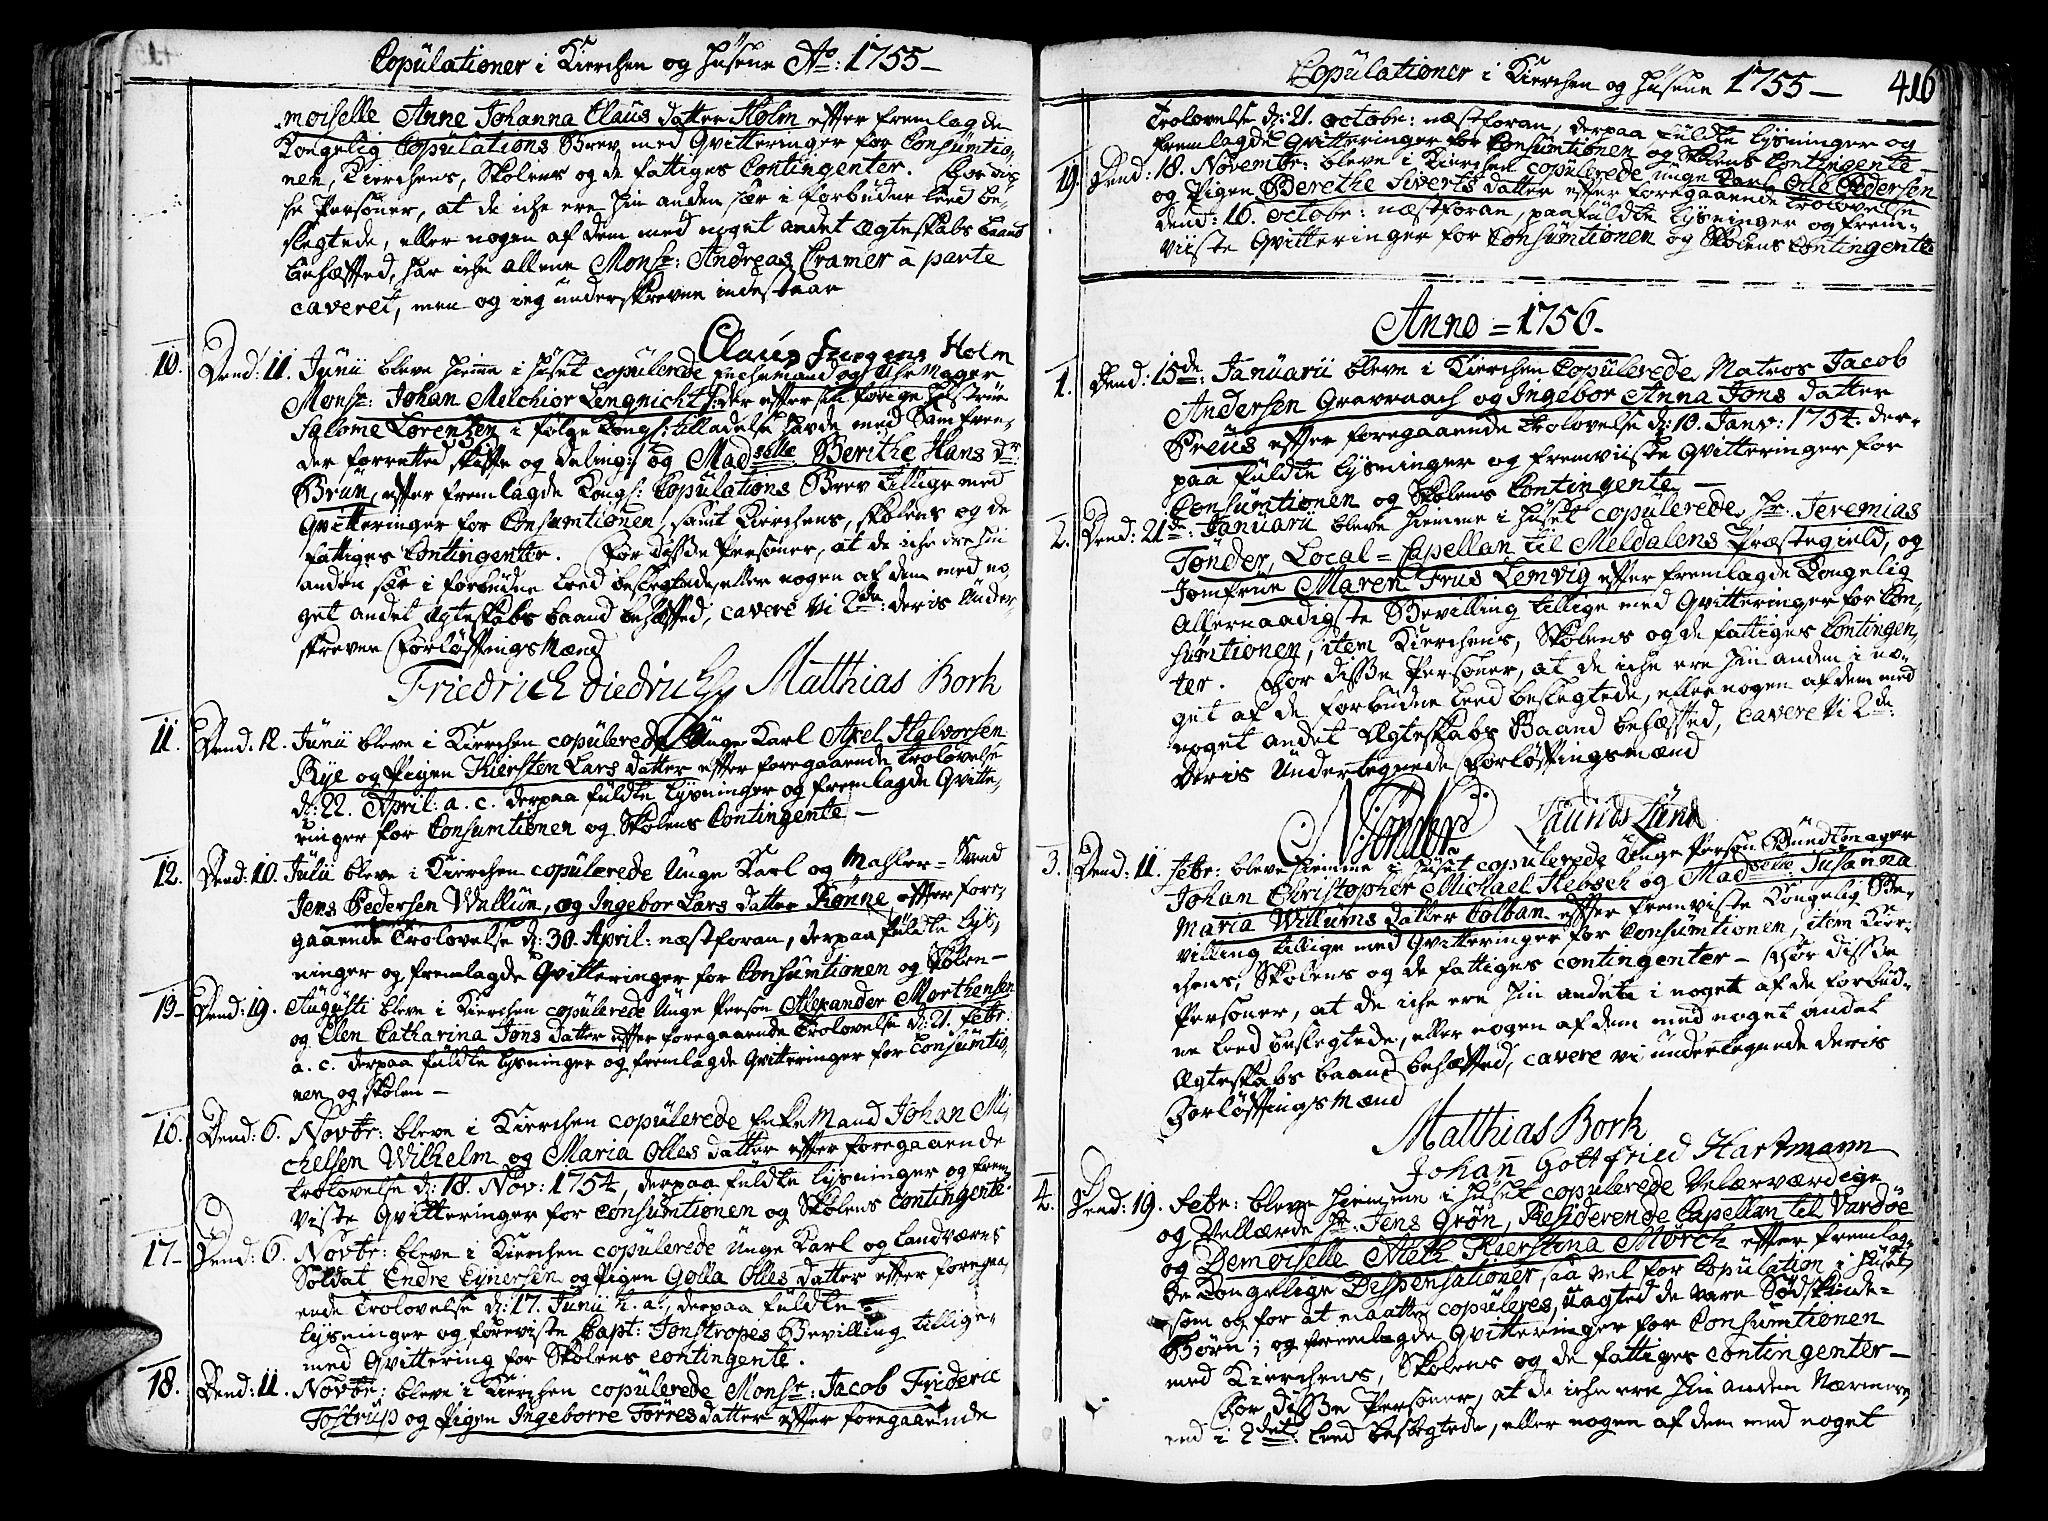 SAT, Ministerialprotokoller, klokkerbøker og fødselsregistre - Sør-Trøndelag, 602/L0103: Ministerialbok nr. 602A01, 1732-1774, s. 416